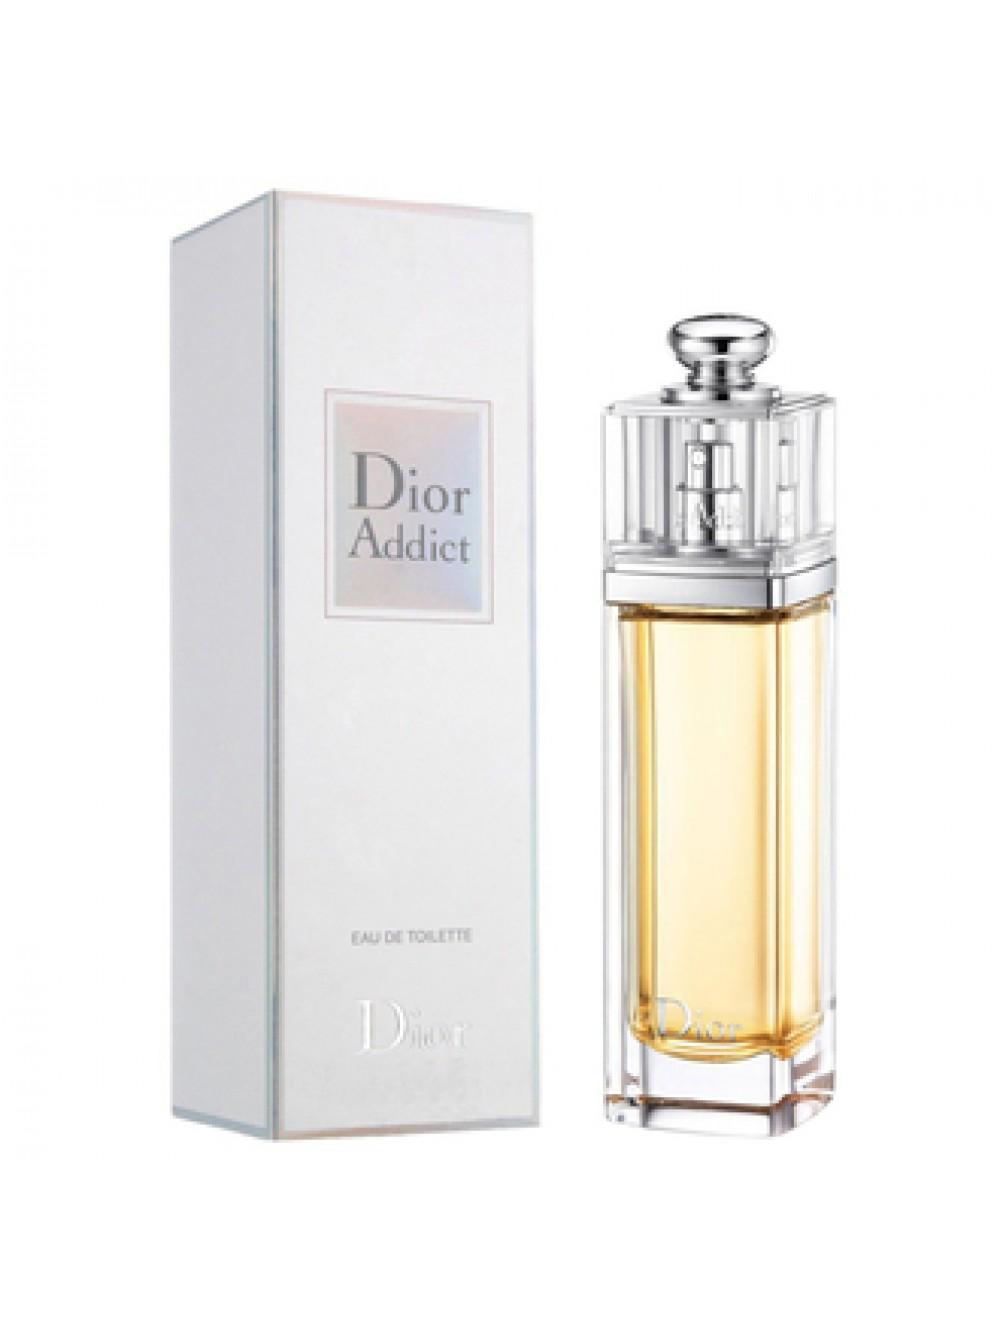 Dior Addict Eau de Toilette туалетная вода 50 мл